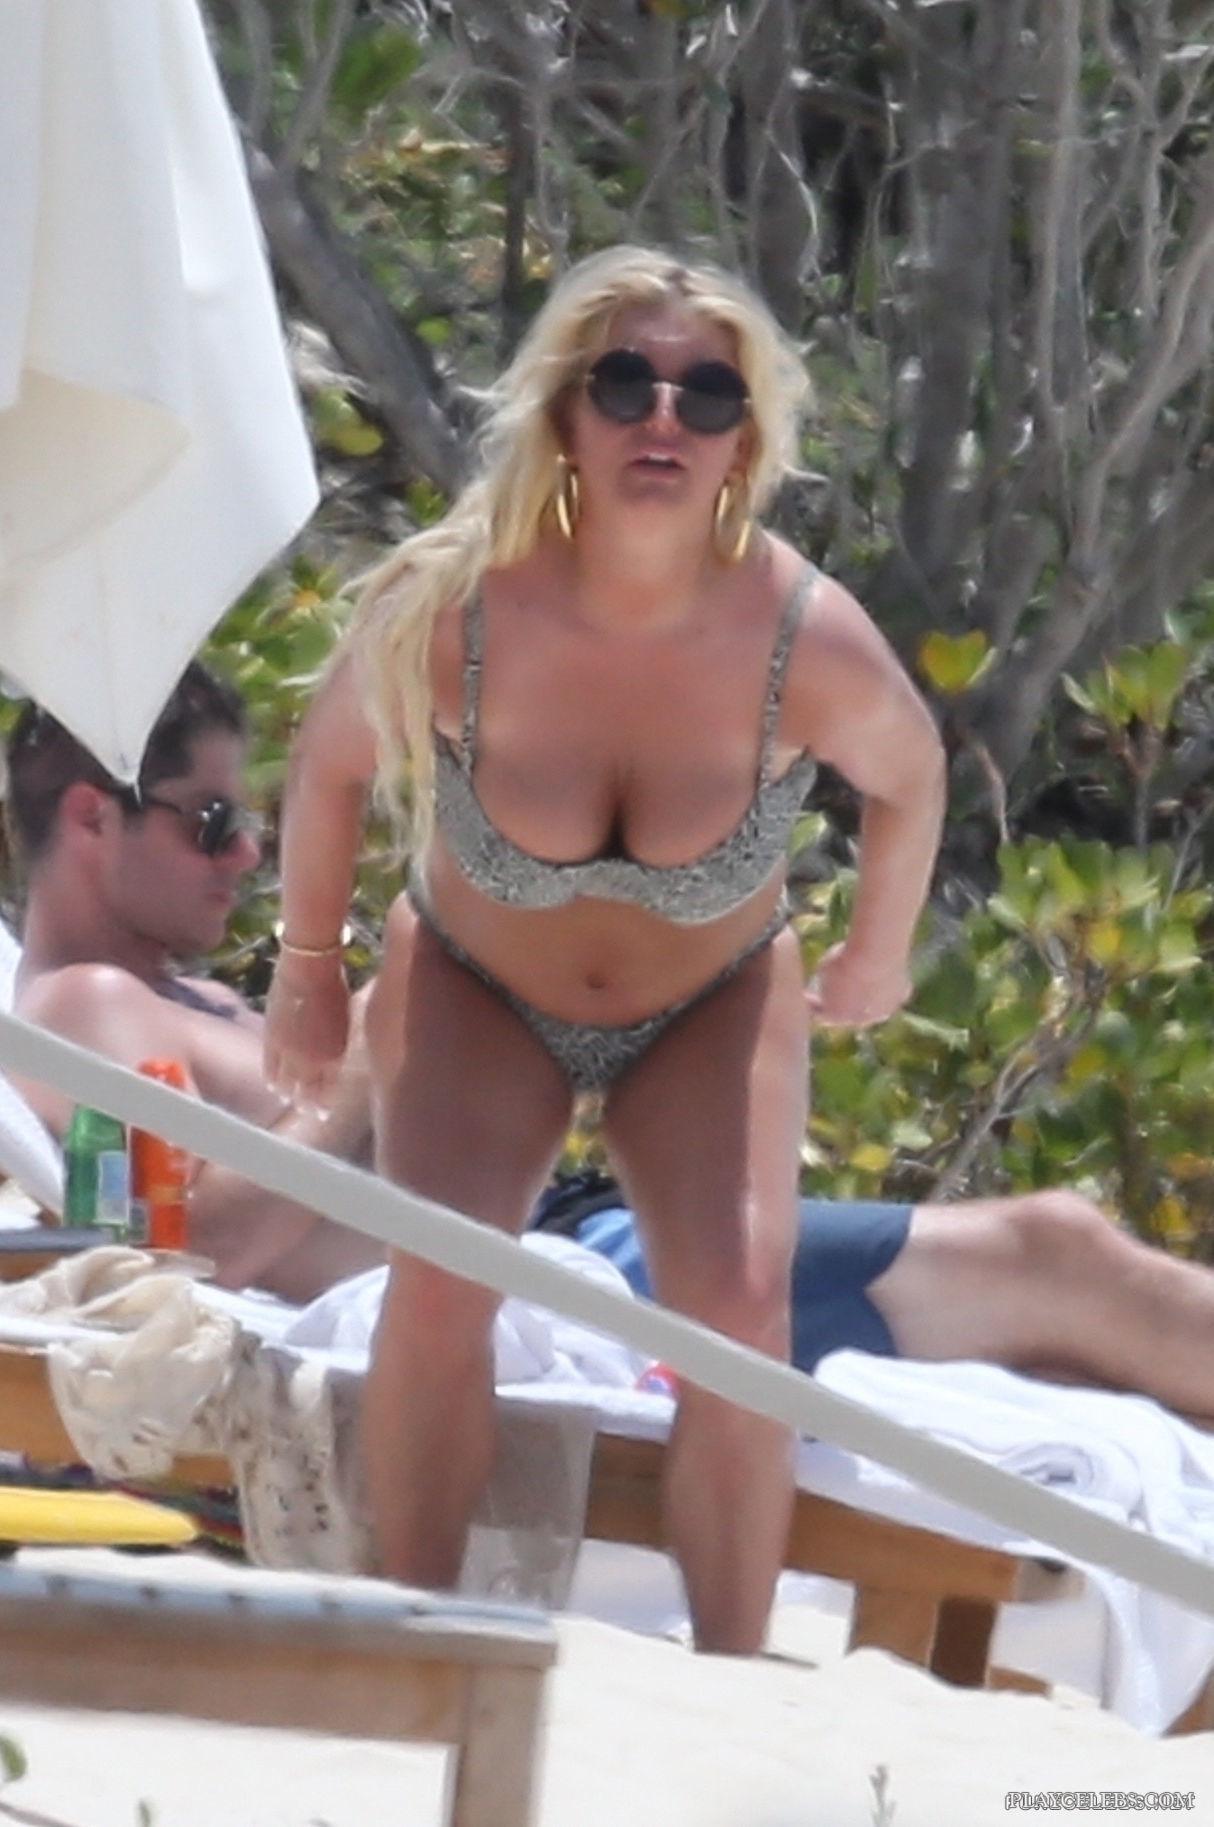 Jessica Simpson Exposing Her Puffy Body In Tight Bikini